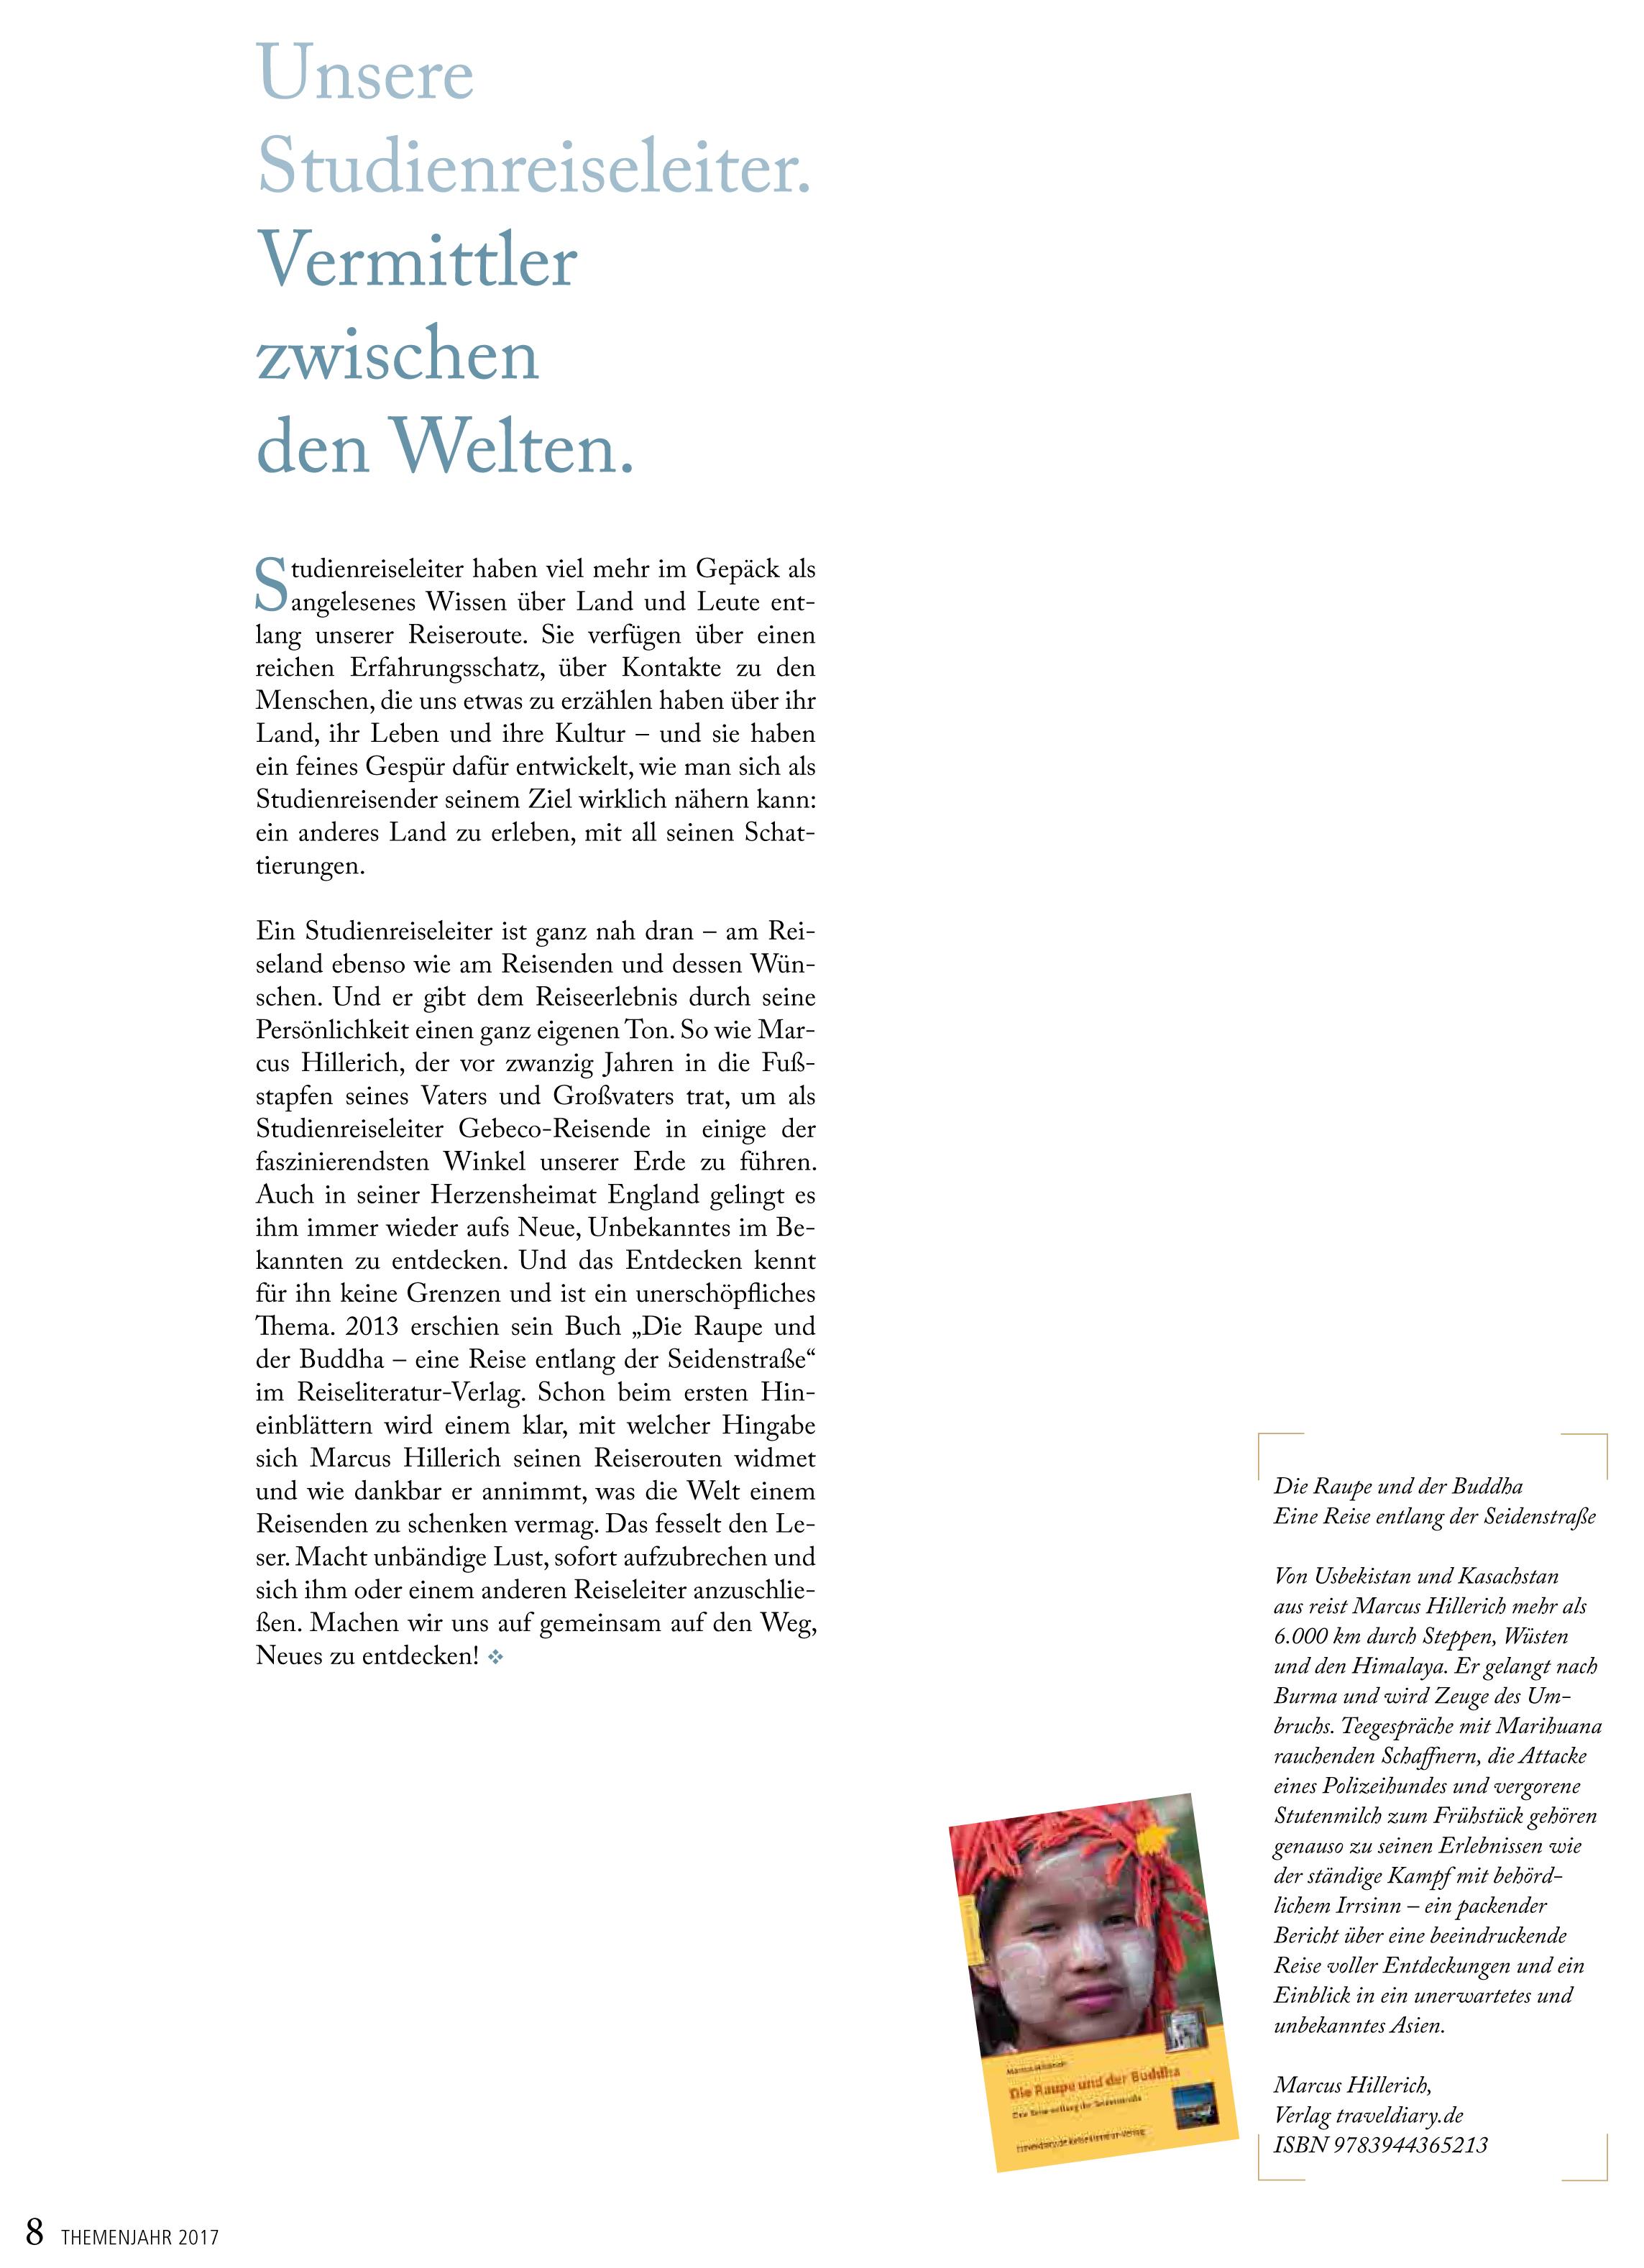 reiseleiterseite_themenjahrbrosch_Teil 1